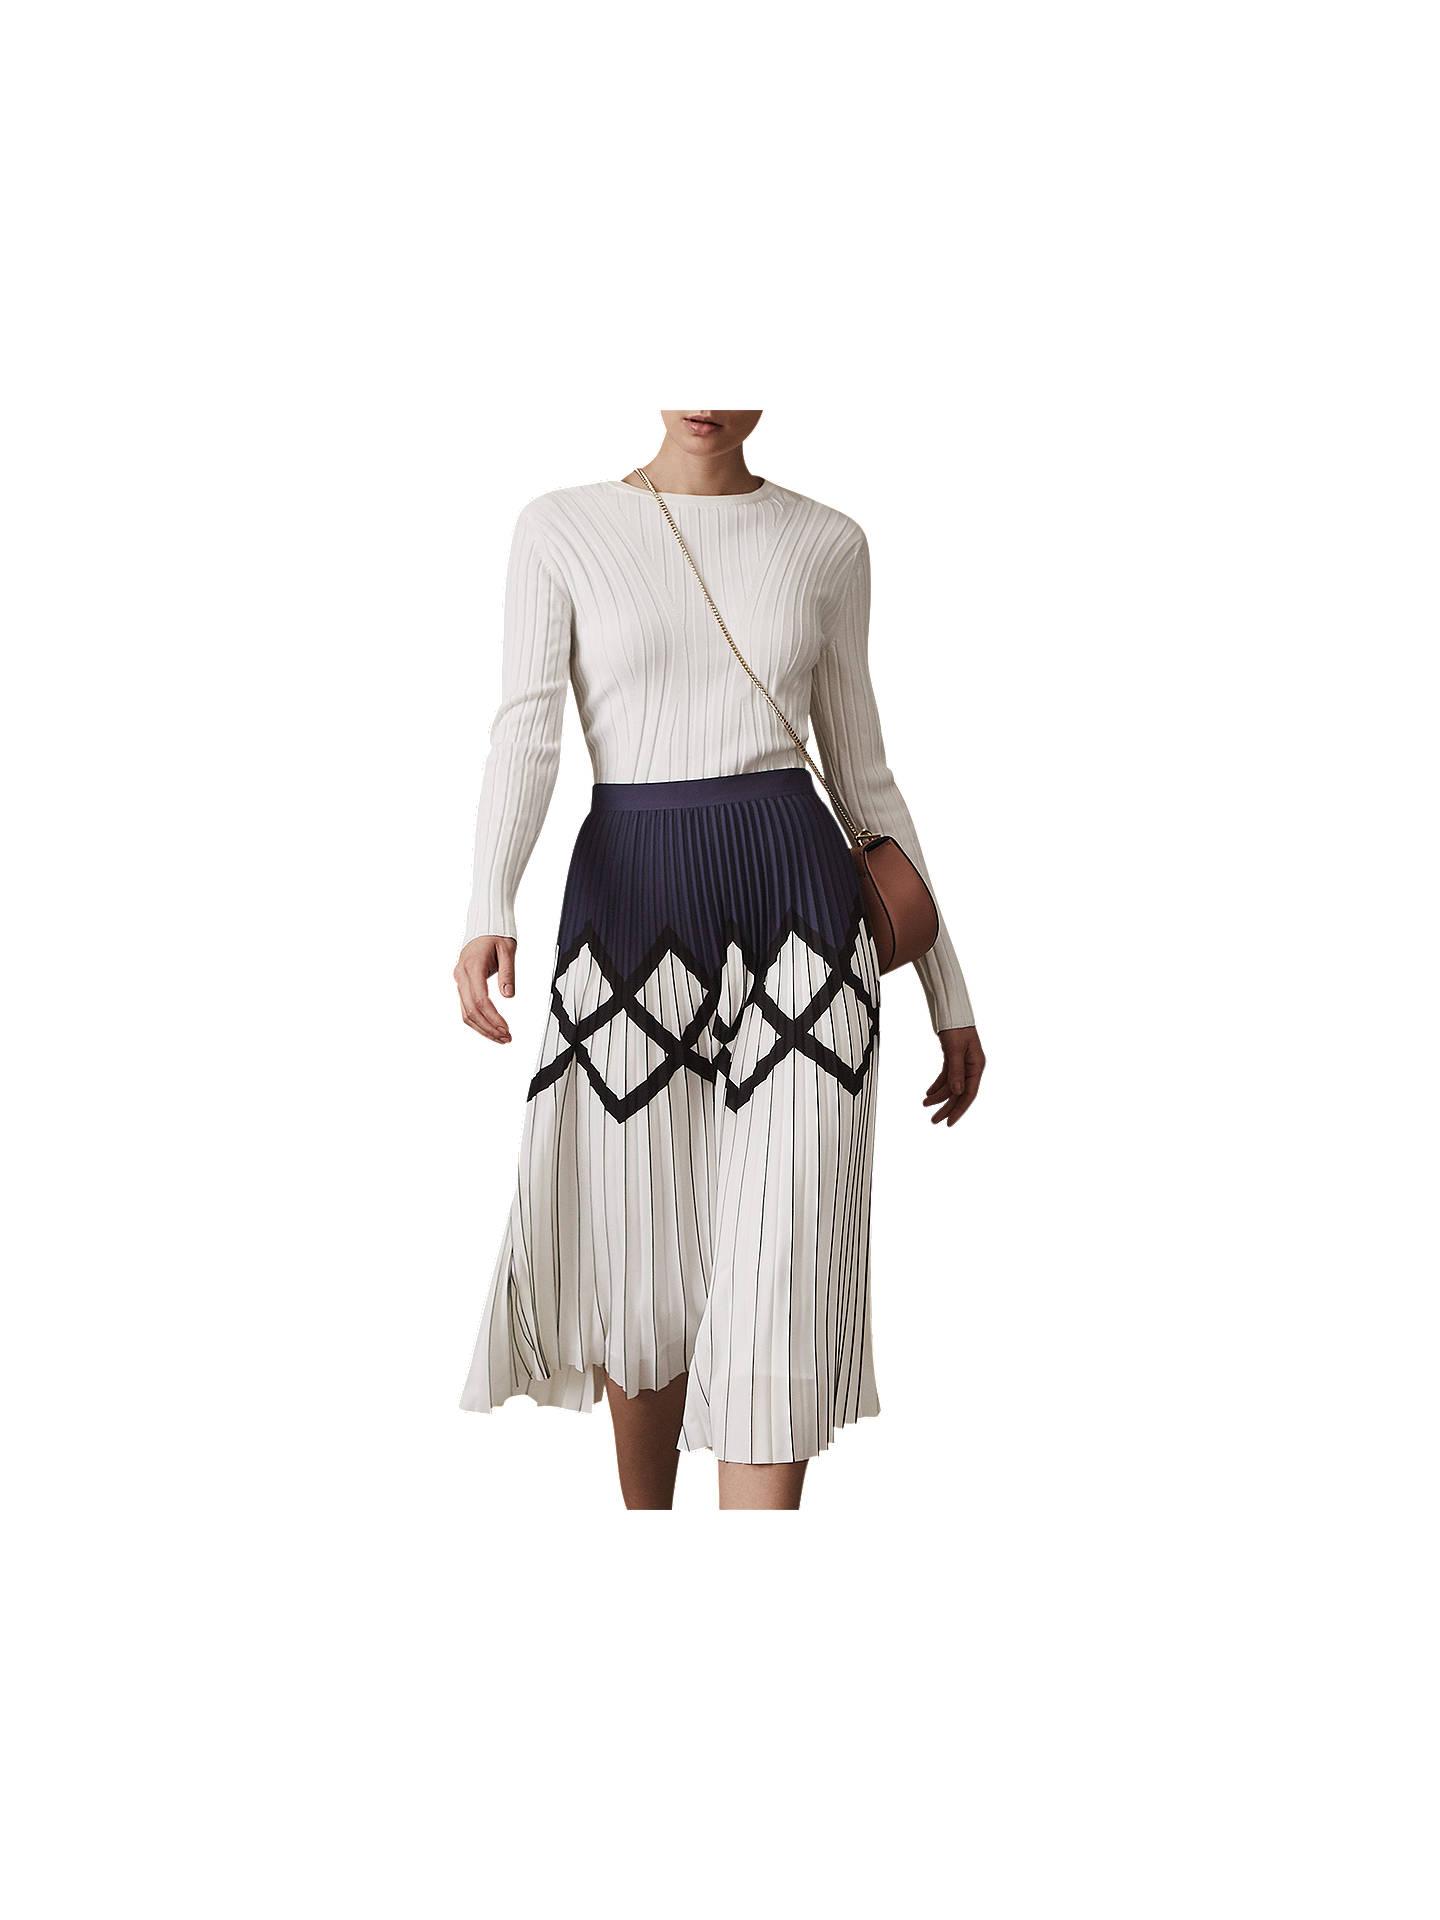 cef33ad23 Buy Reiss Elsa Pleat Midi Skirt, Navy/White, 6 Online at johnlewis.